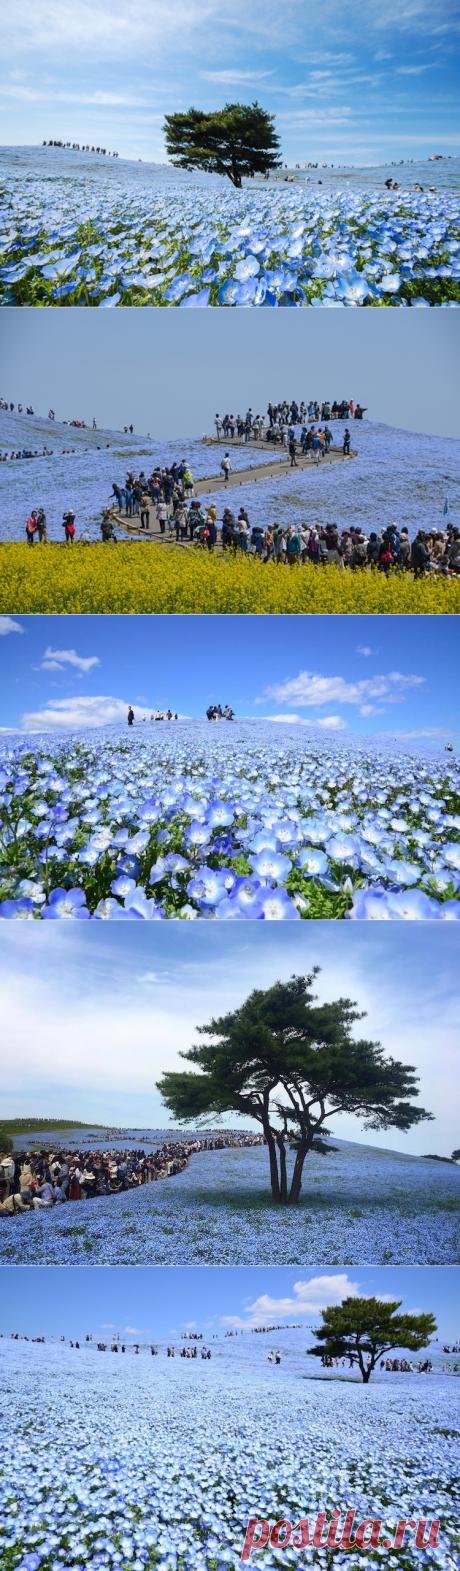 Цветение немофил в японском парке, привлекающий толпы туристов — Туризм